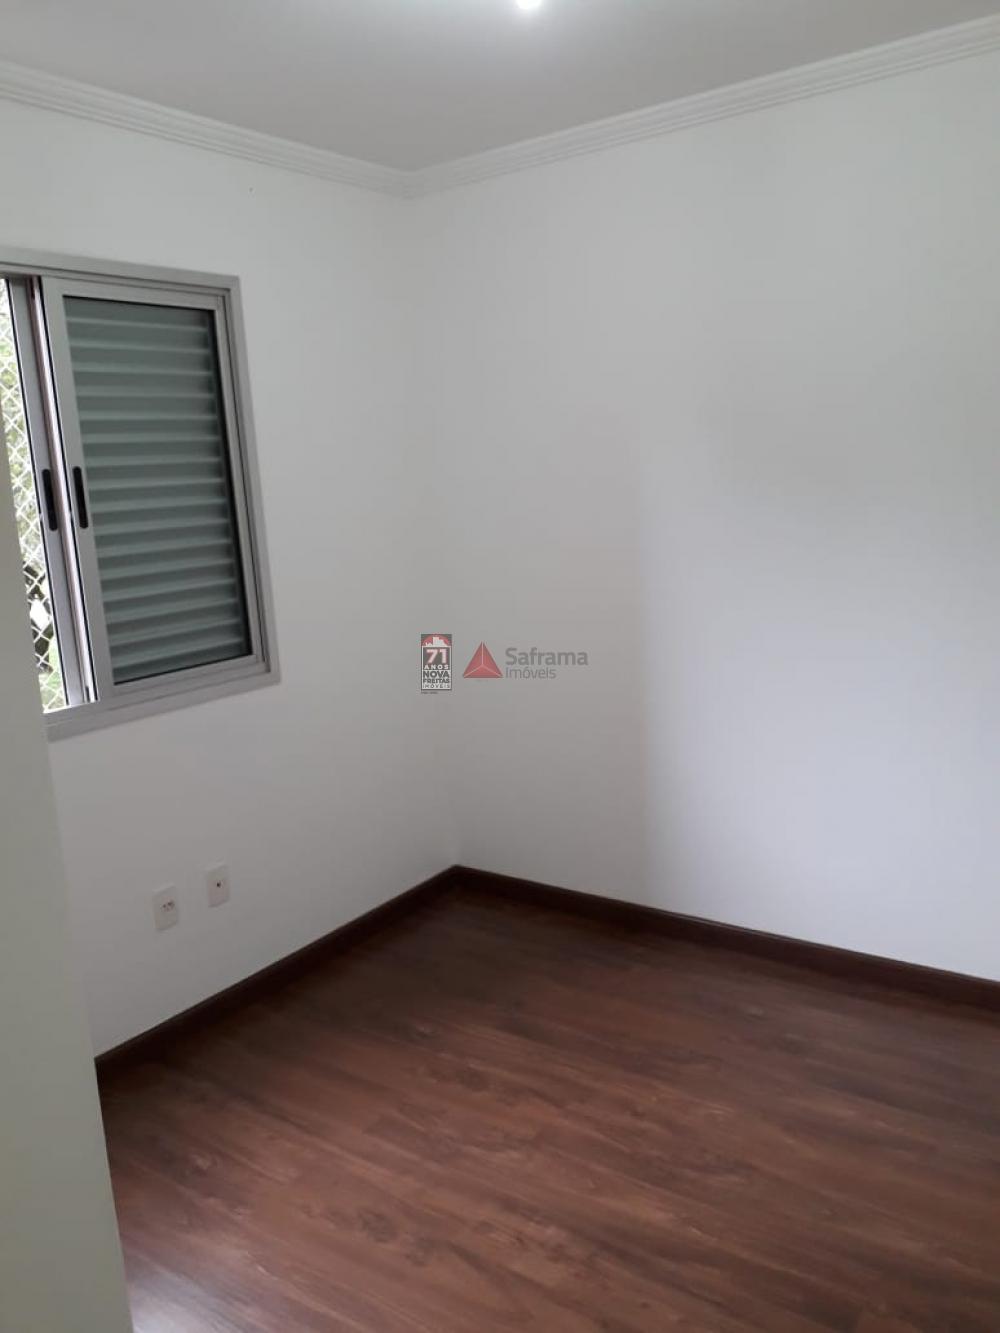 Comprar Apartamento / Padrão em São José dos Campos apenas R$ 330.000,00 - Foto 9